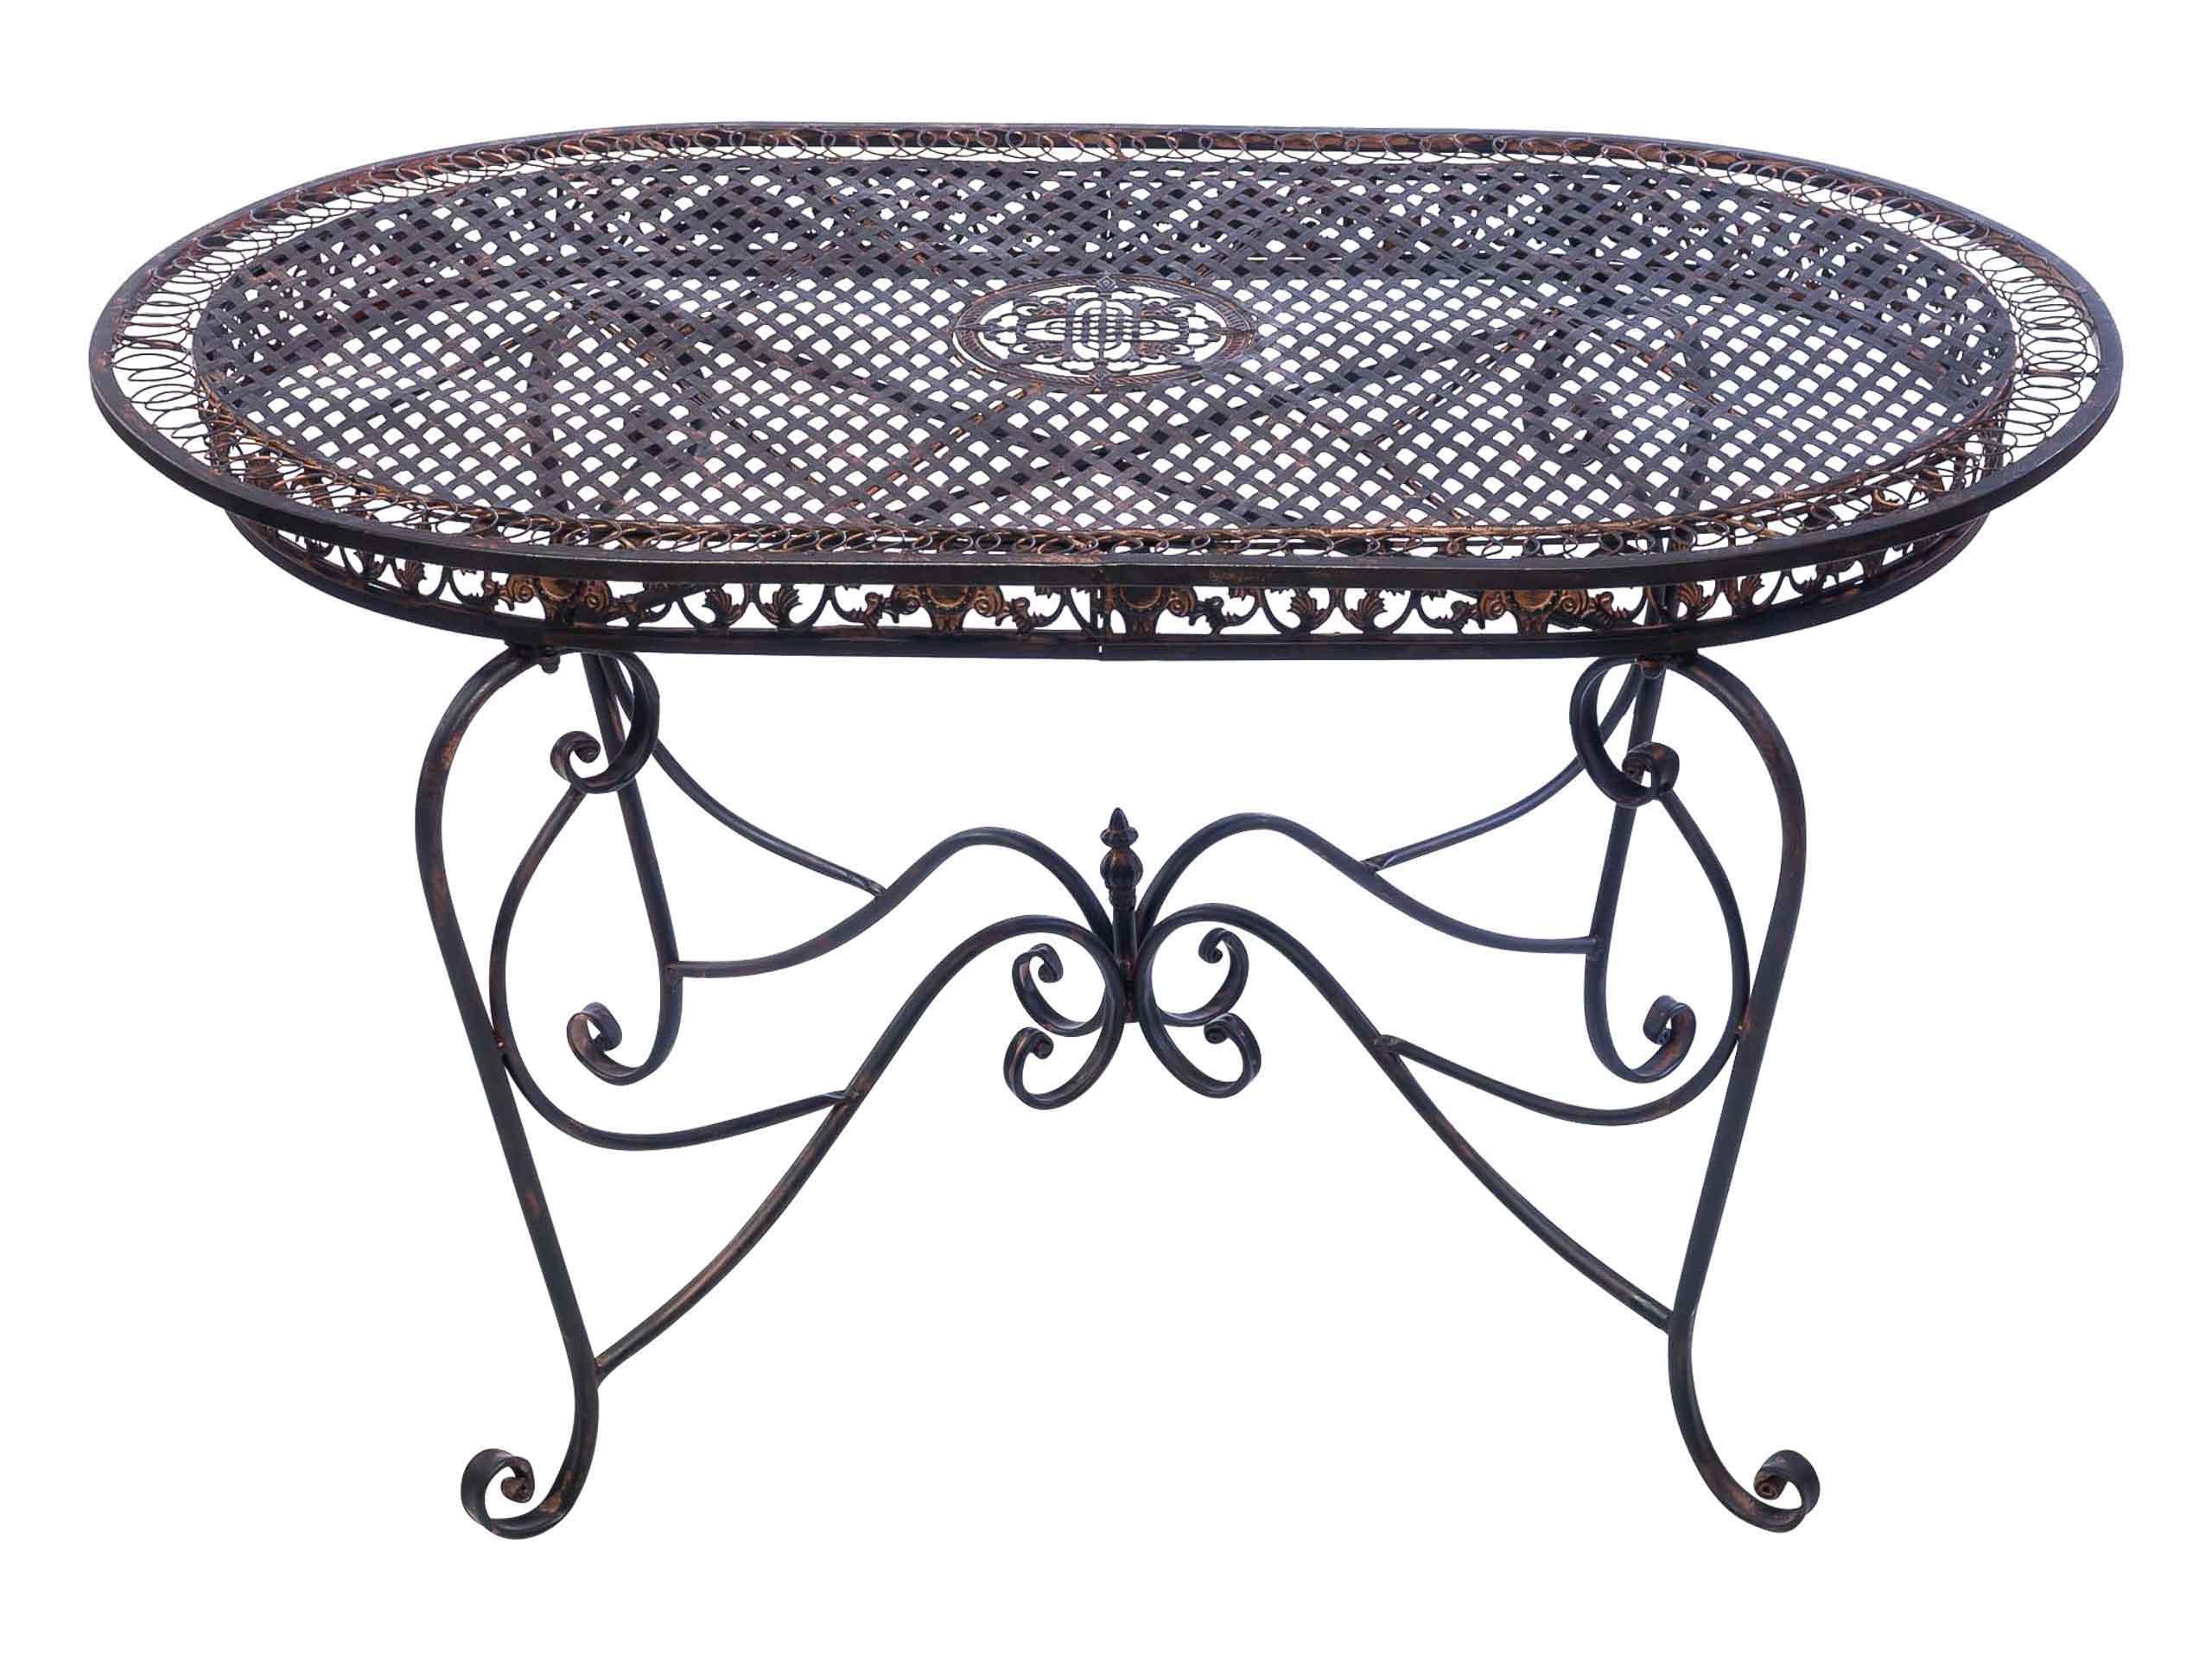 Gartentisch 135cm Eisen Tisch Schmiedeeisen Gartenmöbel Braun Antik Stil